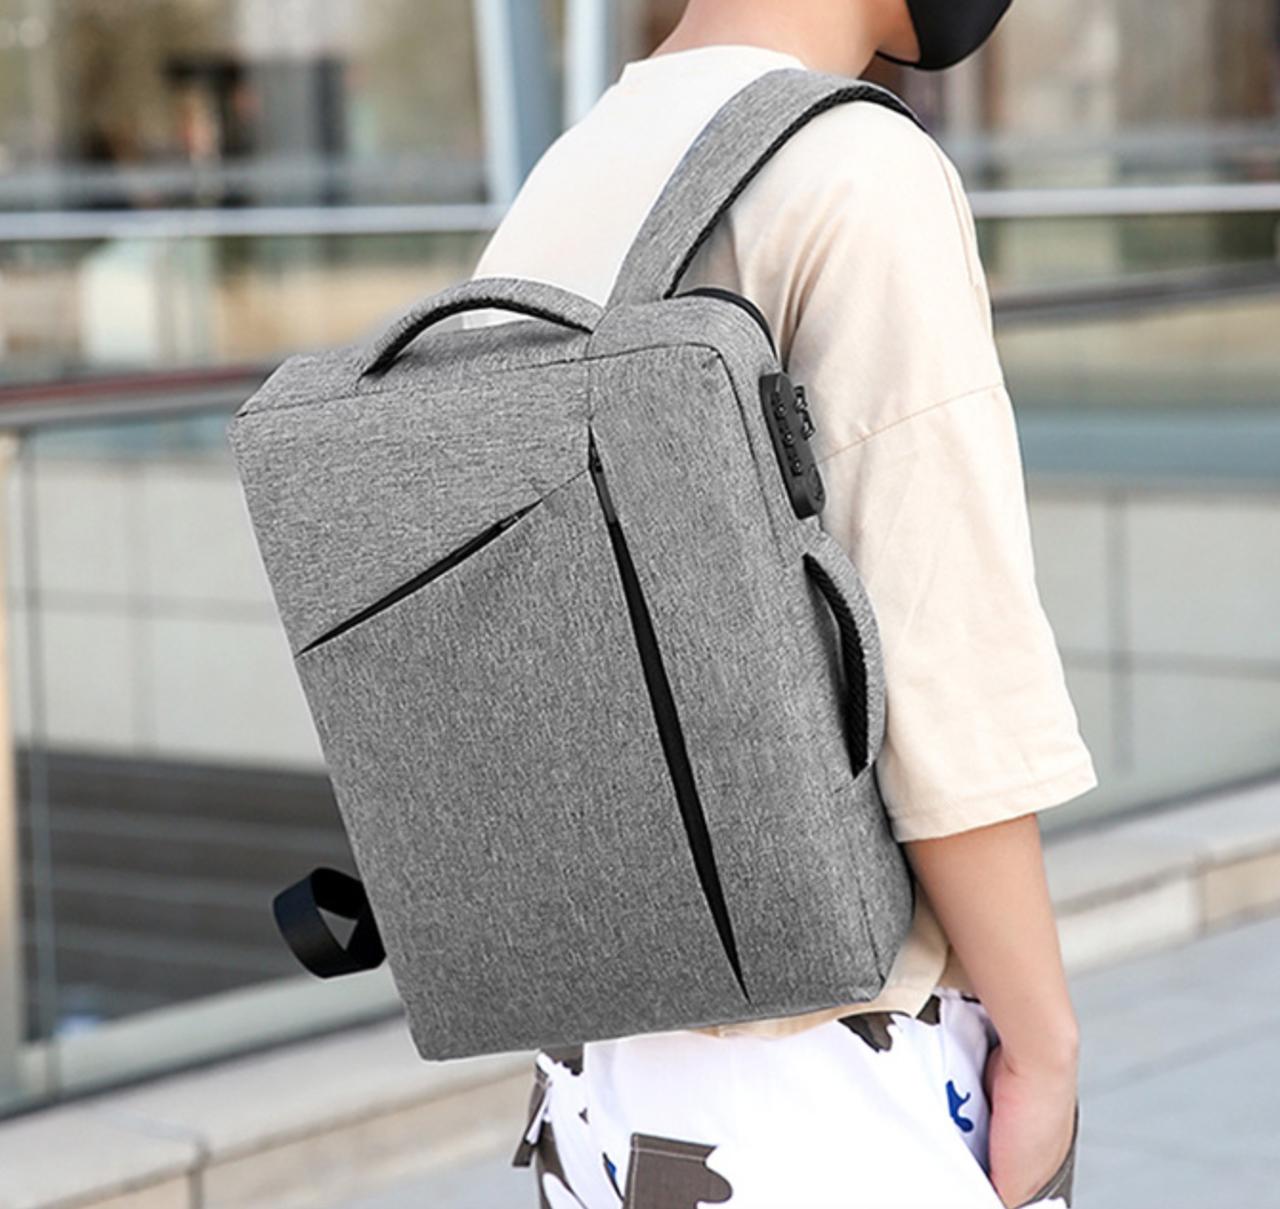 Сумка-рюкзак трасформер для ноутбука 15.6 дюймов